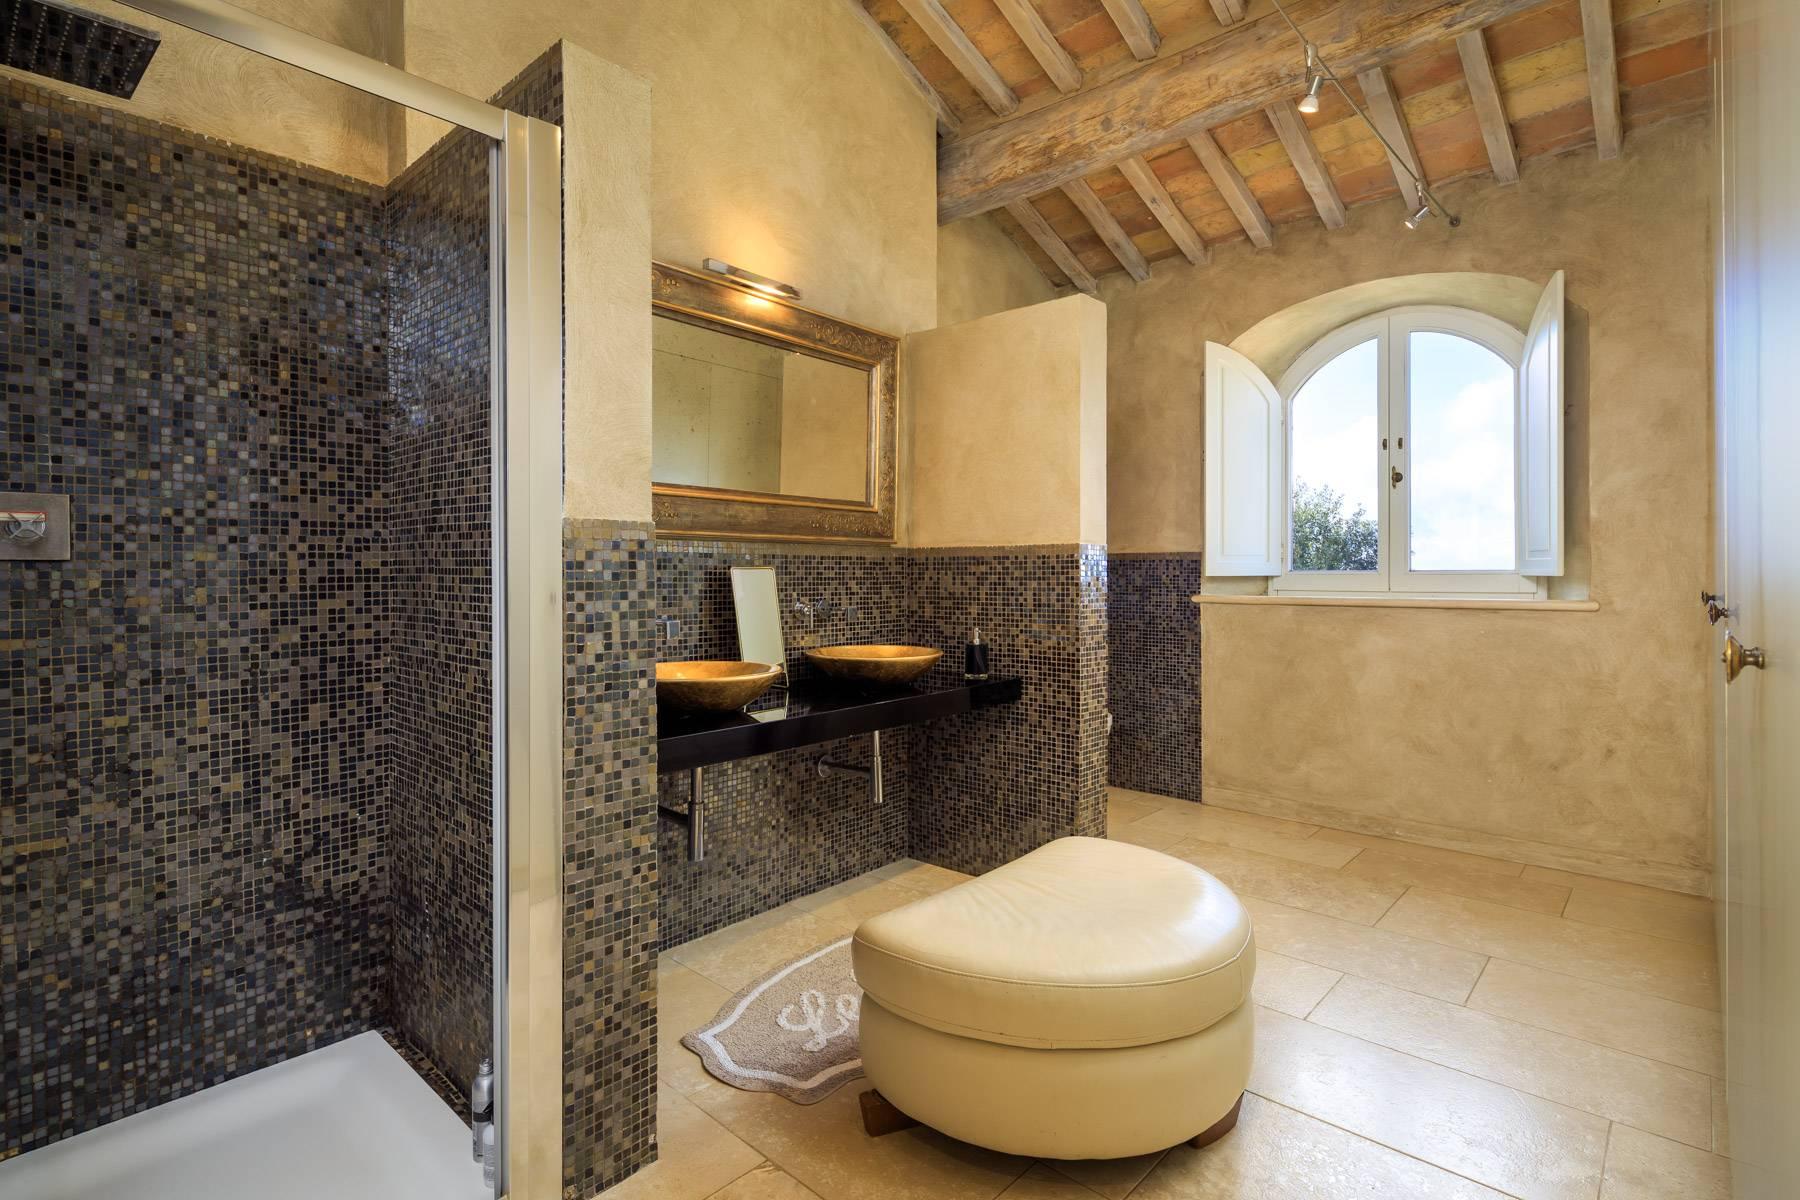 Rustico in Vendita a Montalcino: 5 locali, 300 mq - Foto 15